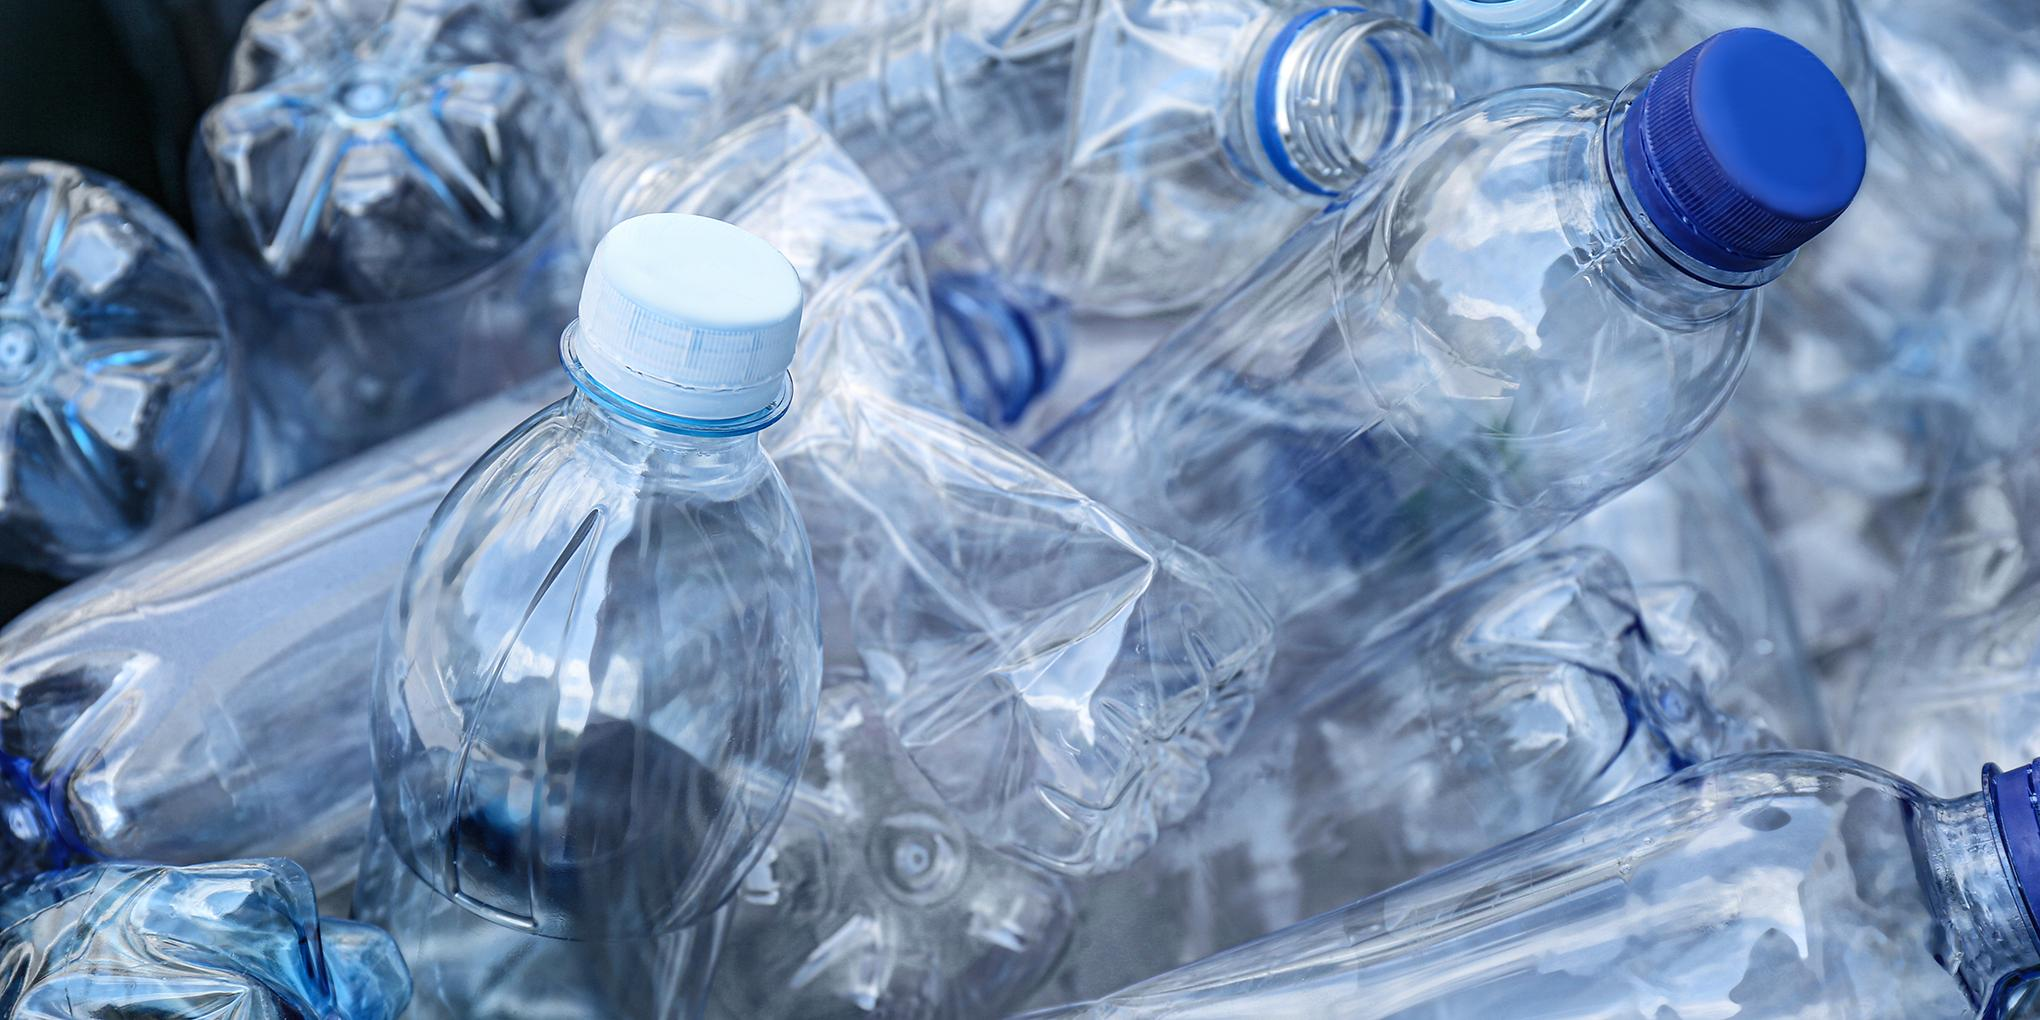 Gebruikte plastic flessen klaar voor recyclage